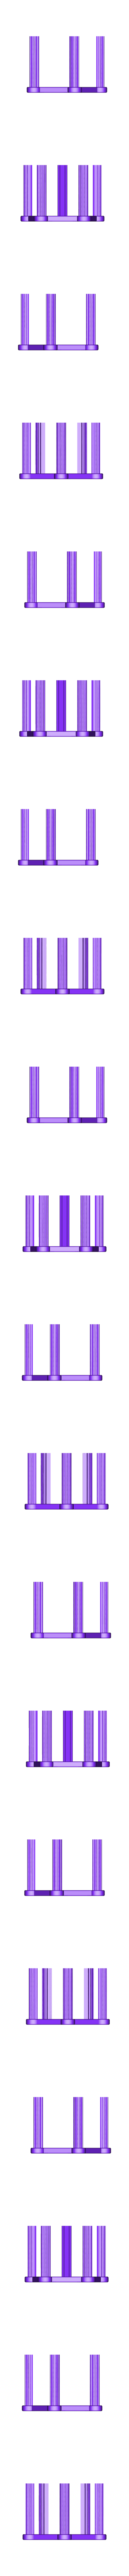 Mod-Litho-Mid.stl Télécharger fichier STL gratuit Lanterne Lithophane Modulaire • Design à imprimer en 3D, ChrisBobo